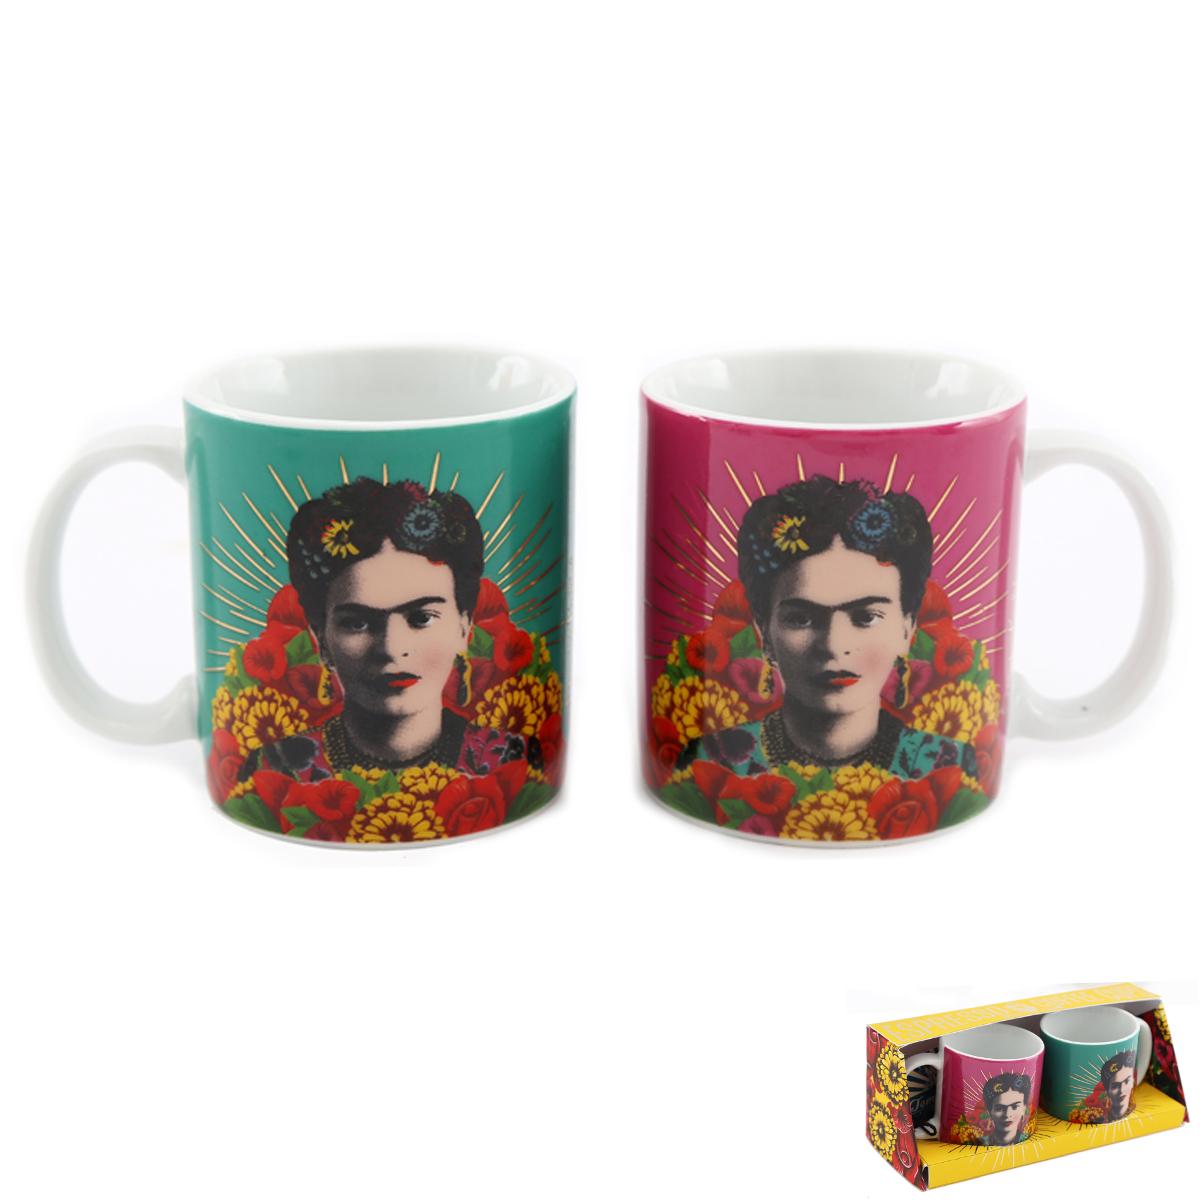 2 tasses espresso porcelaine \'Frida Kahlo\' vert rose - 60x60 mm (duo café) - [A2903]